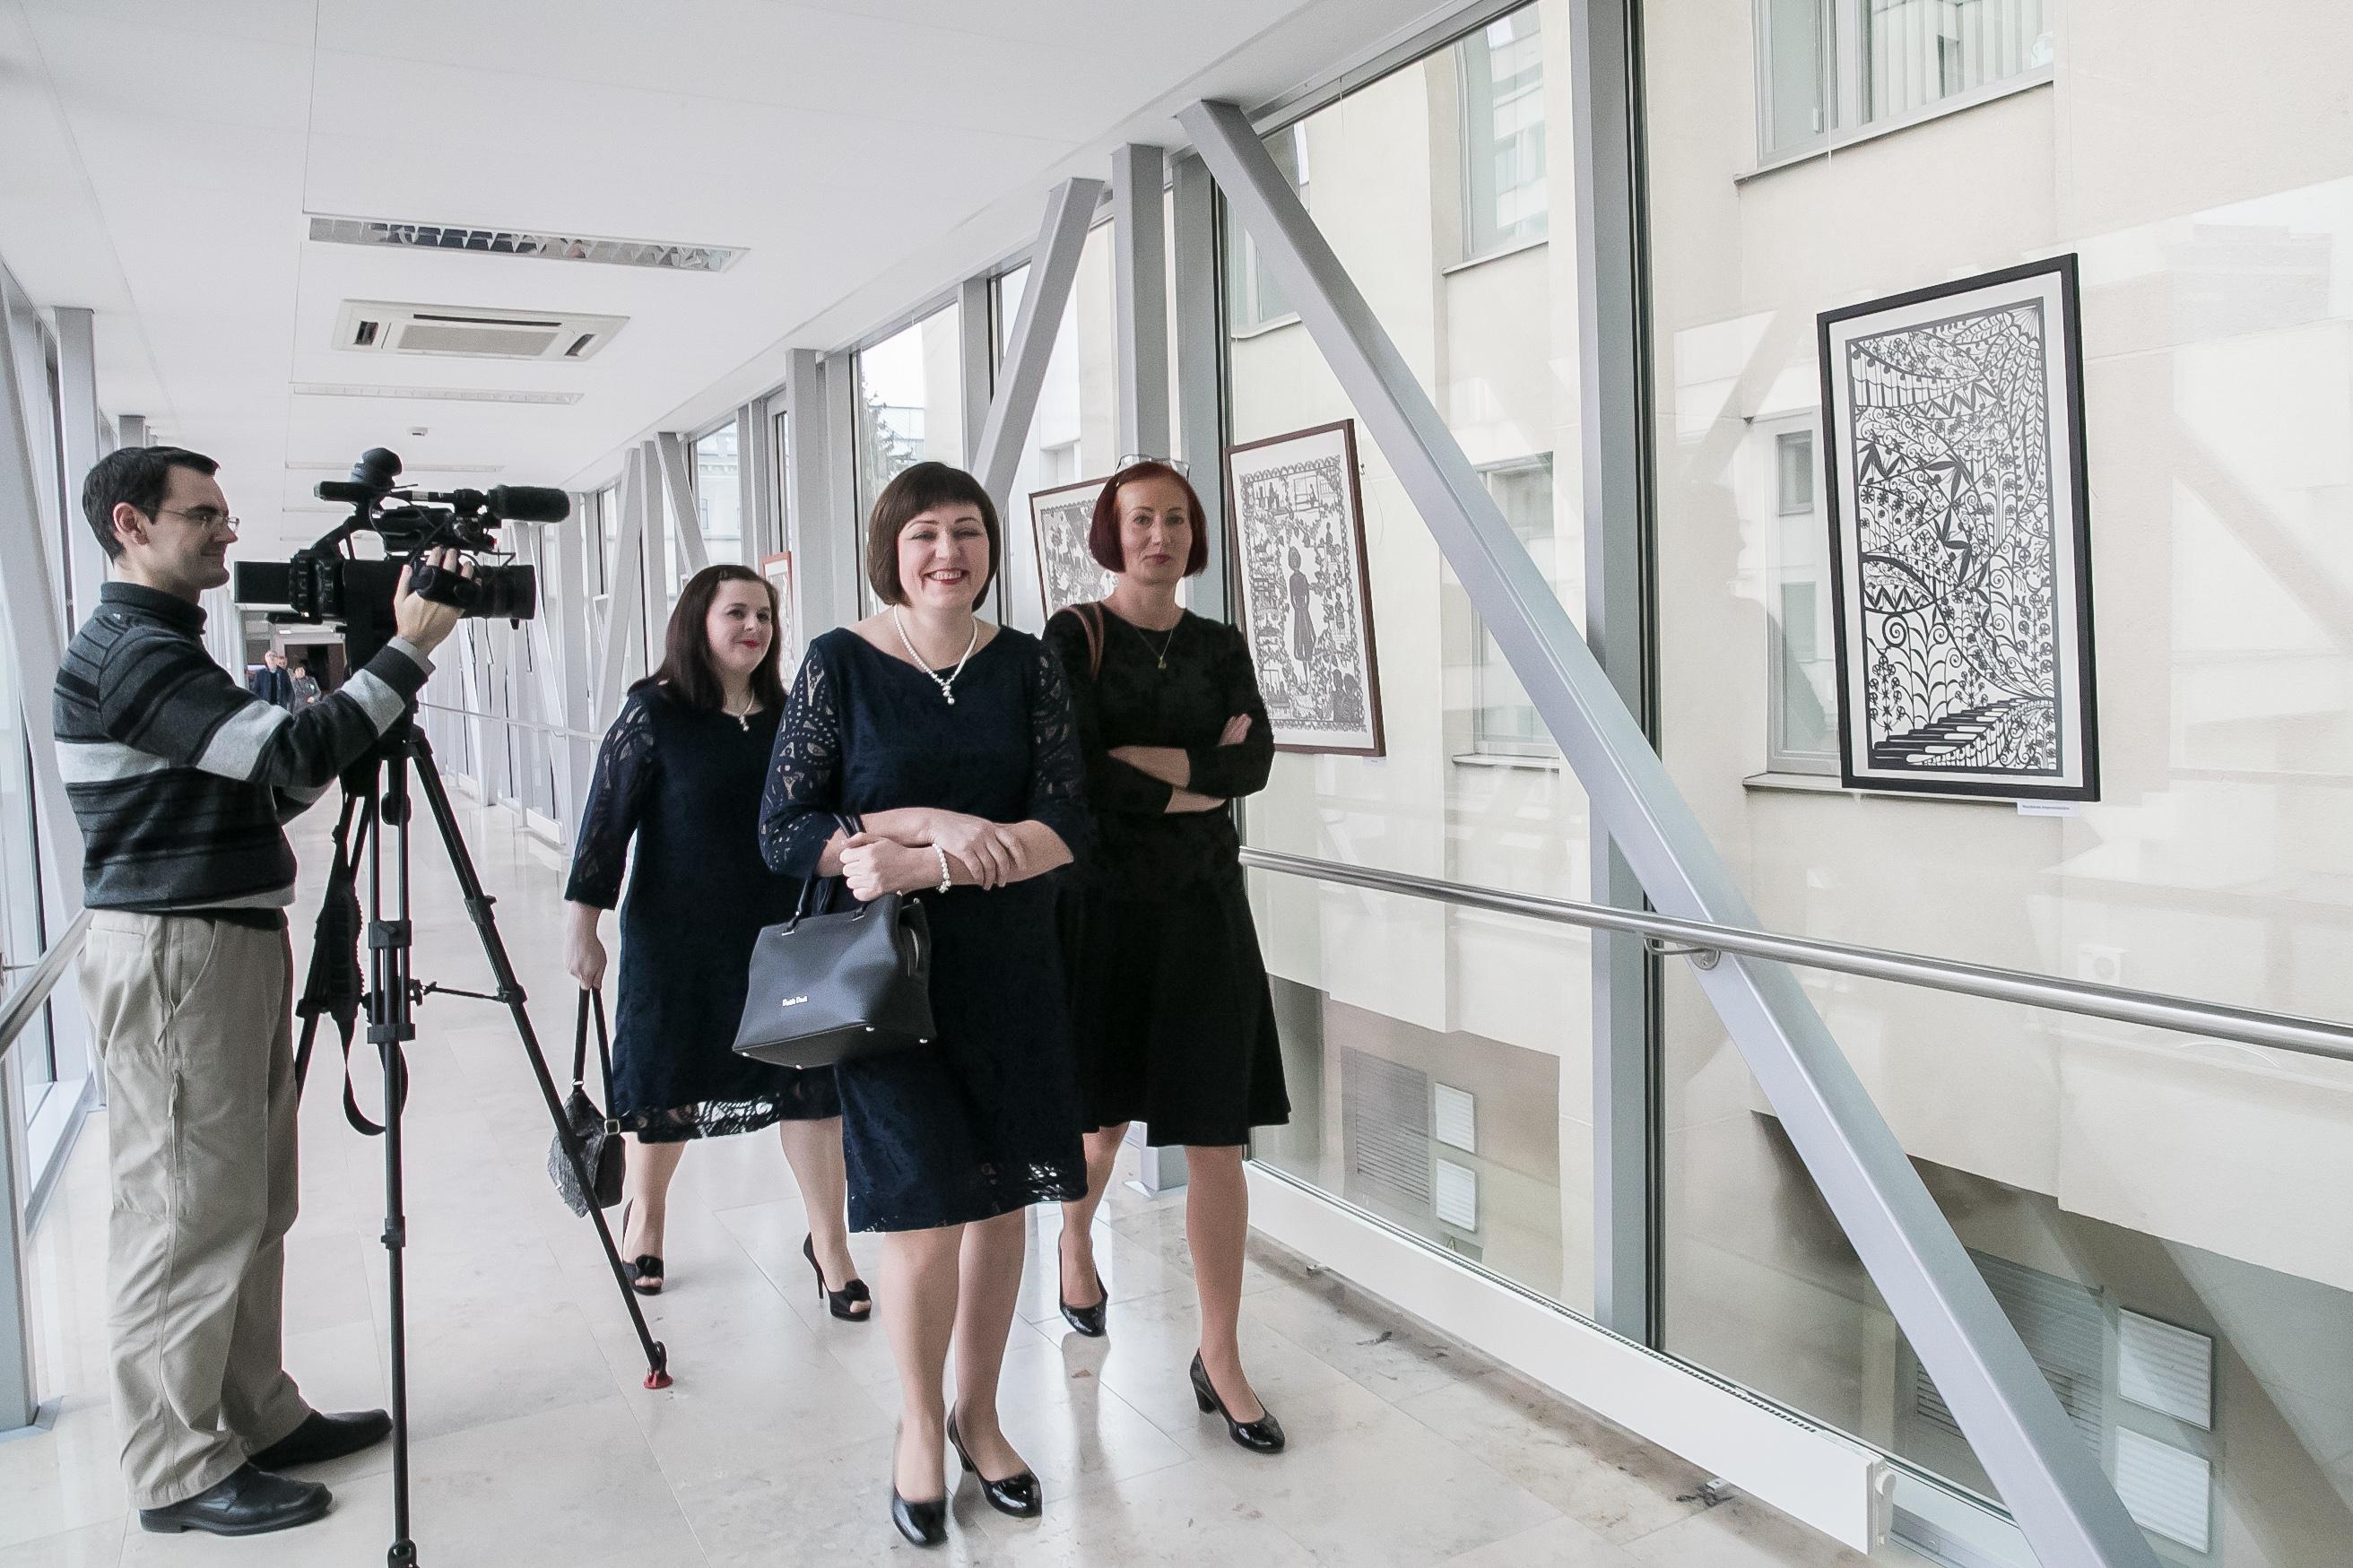 Kupiškio kultūros centro moterų vokalinis ansamblis ,,Duo'' Nidija Sankauskienė ir Sandra Guginienė, kartu su koncertmeistere Edita Dobrickiene apžiūri parodą   LRS kanceliarijos nuotr.